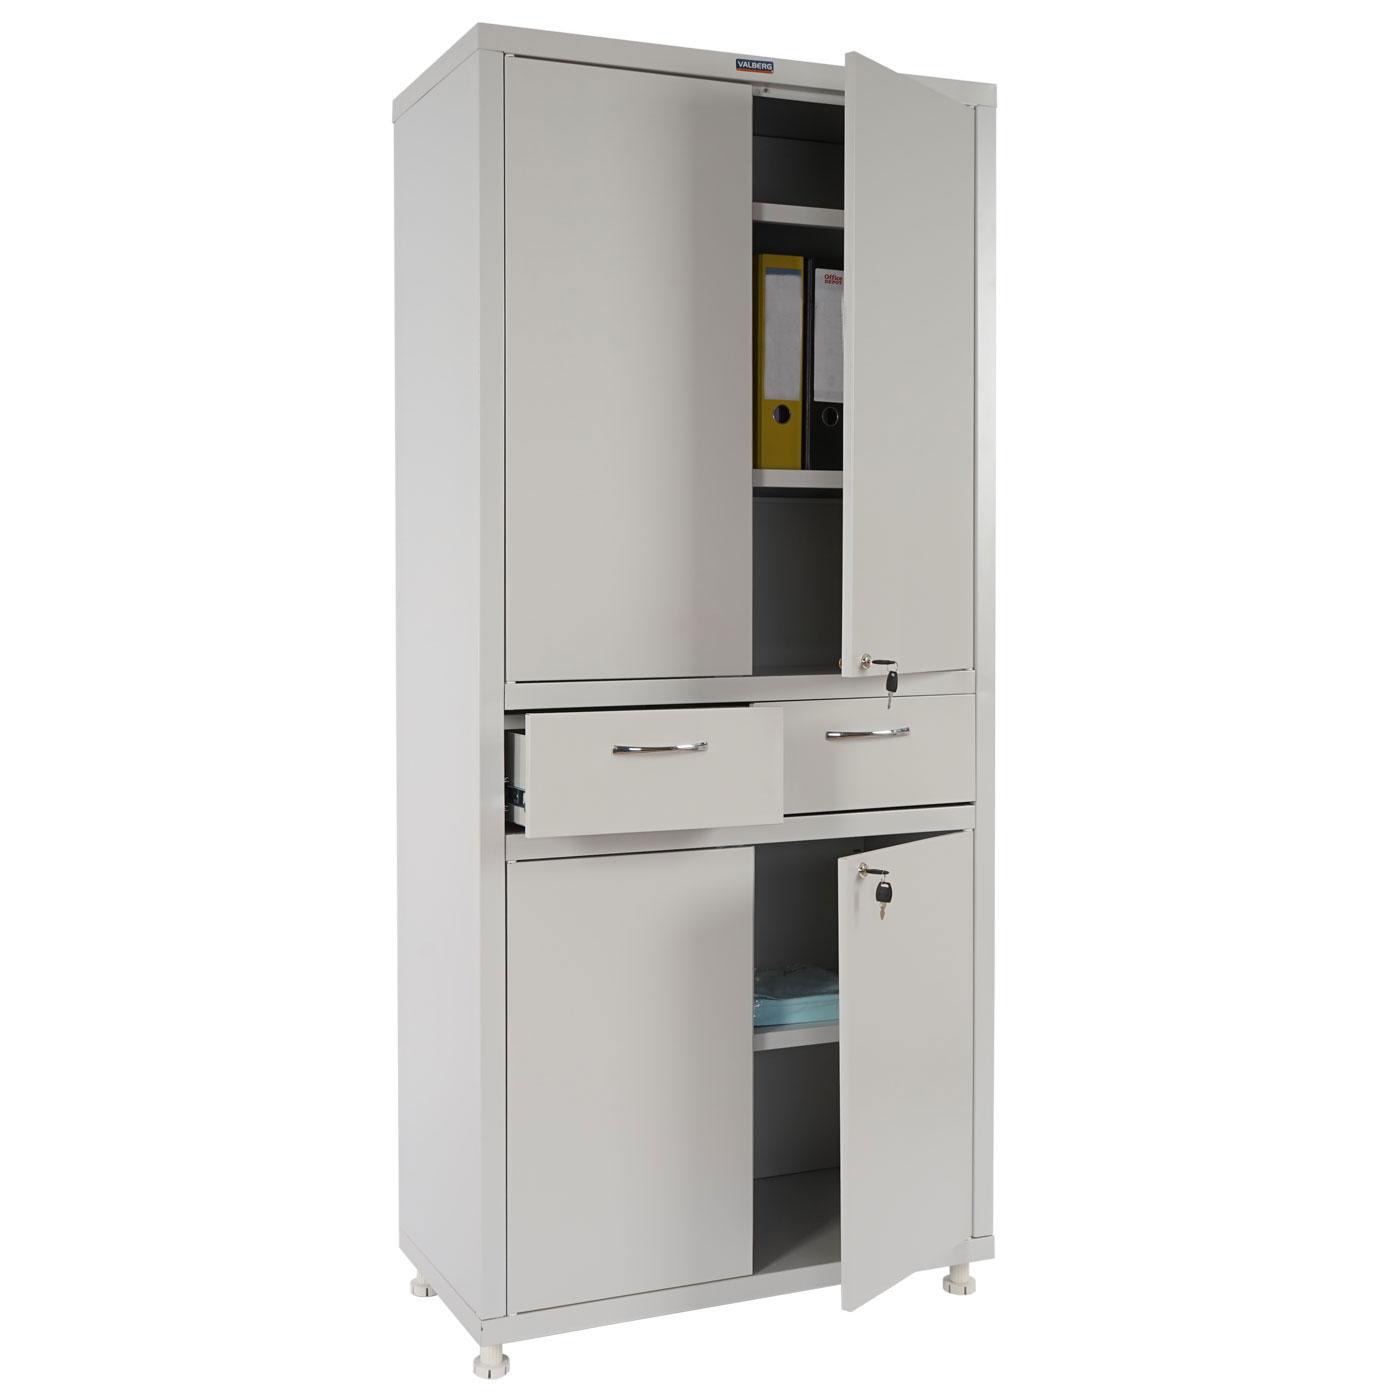 metallschrank valberg t380 aktenschrank b ro 4 t ren 2 schubladen 180x80x40cm ebay. Black Bedroom Furniture Sets. Home Design Ideas